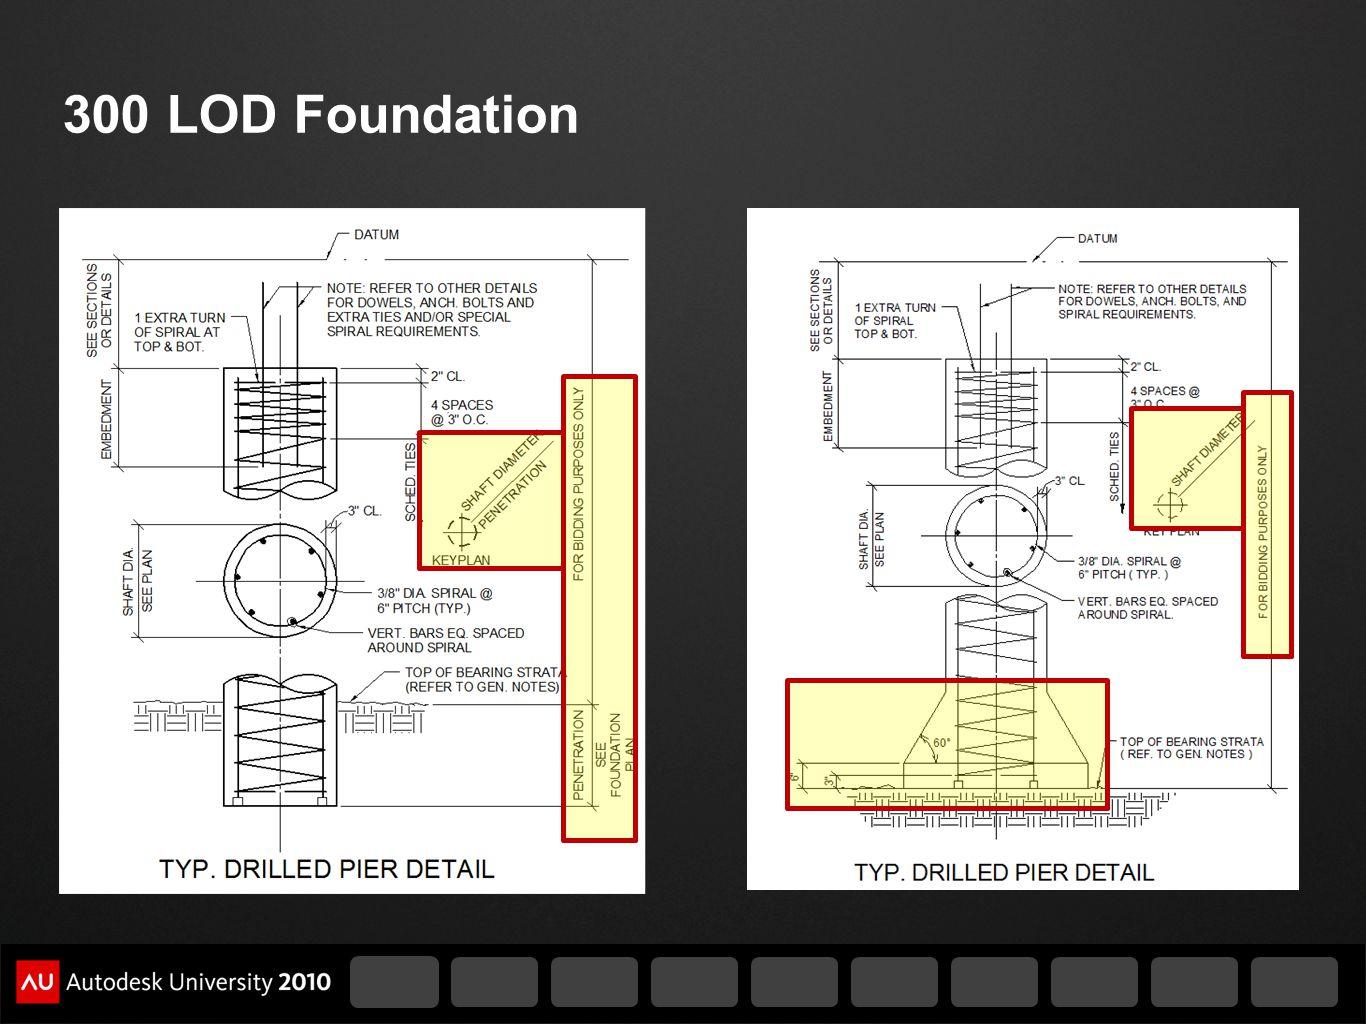 300 LOD Foundation